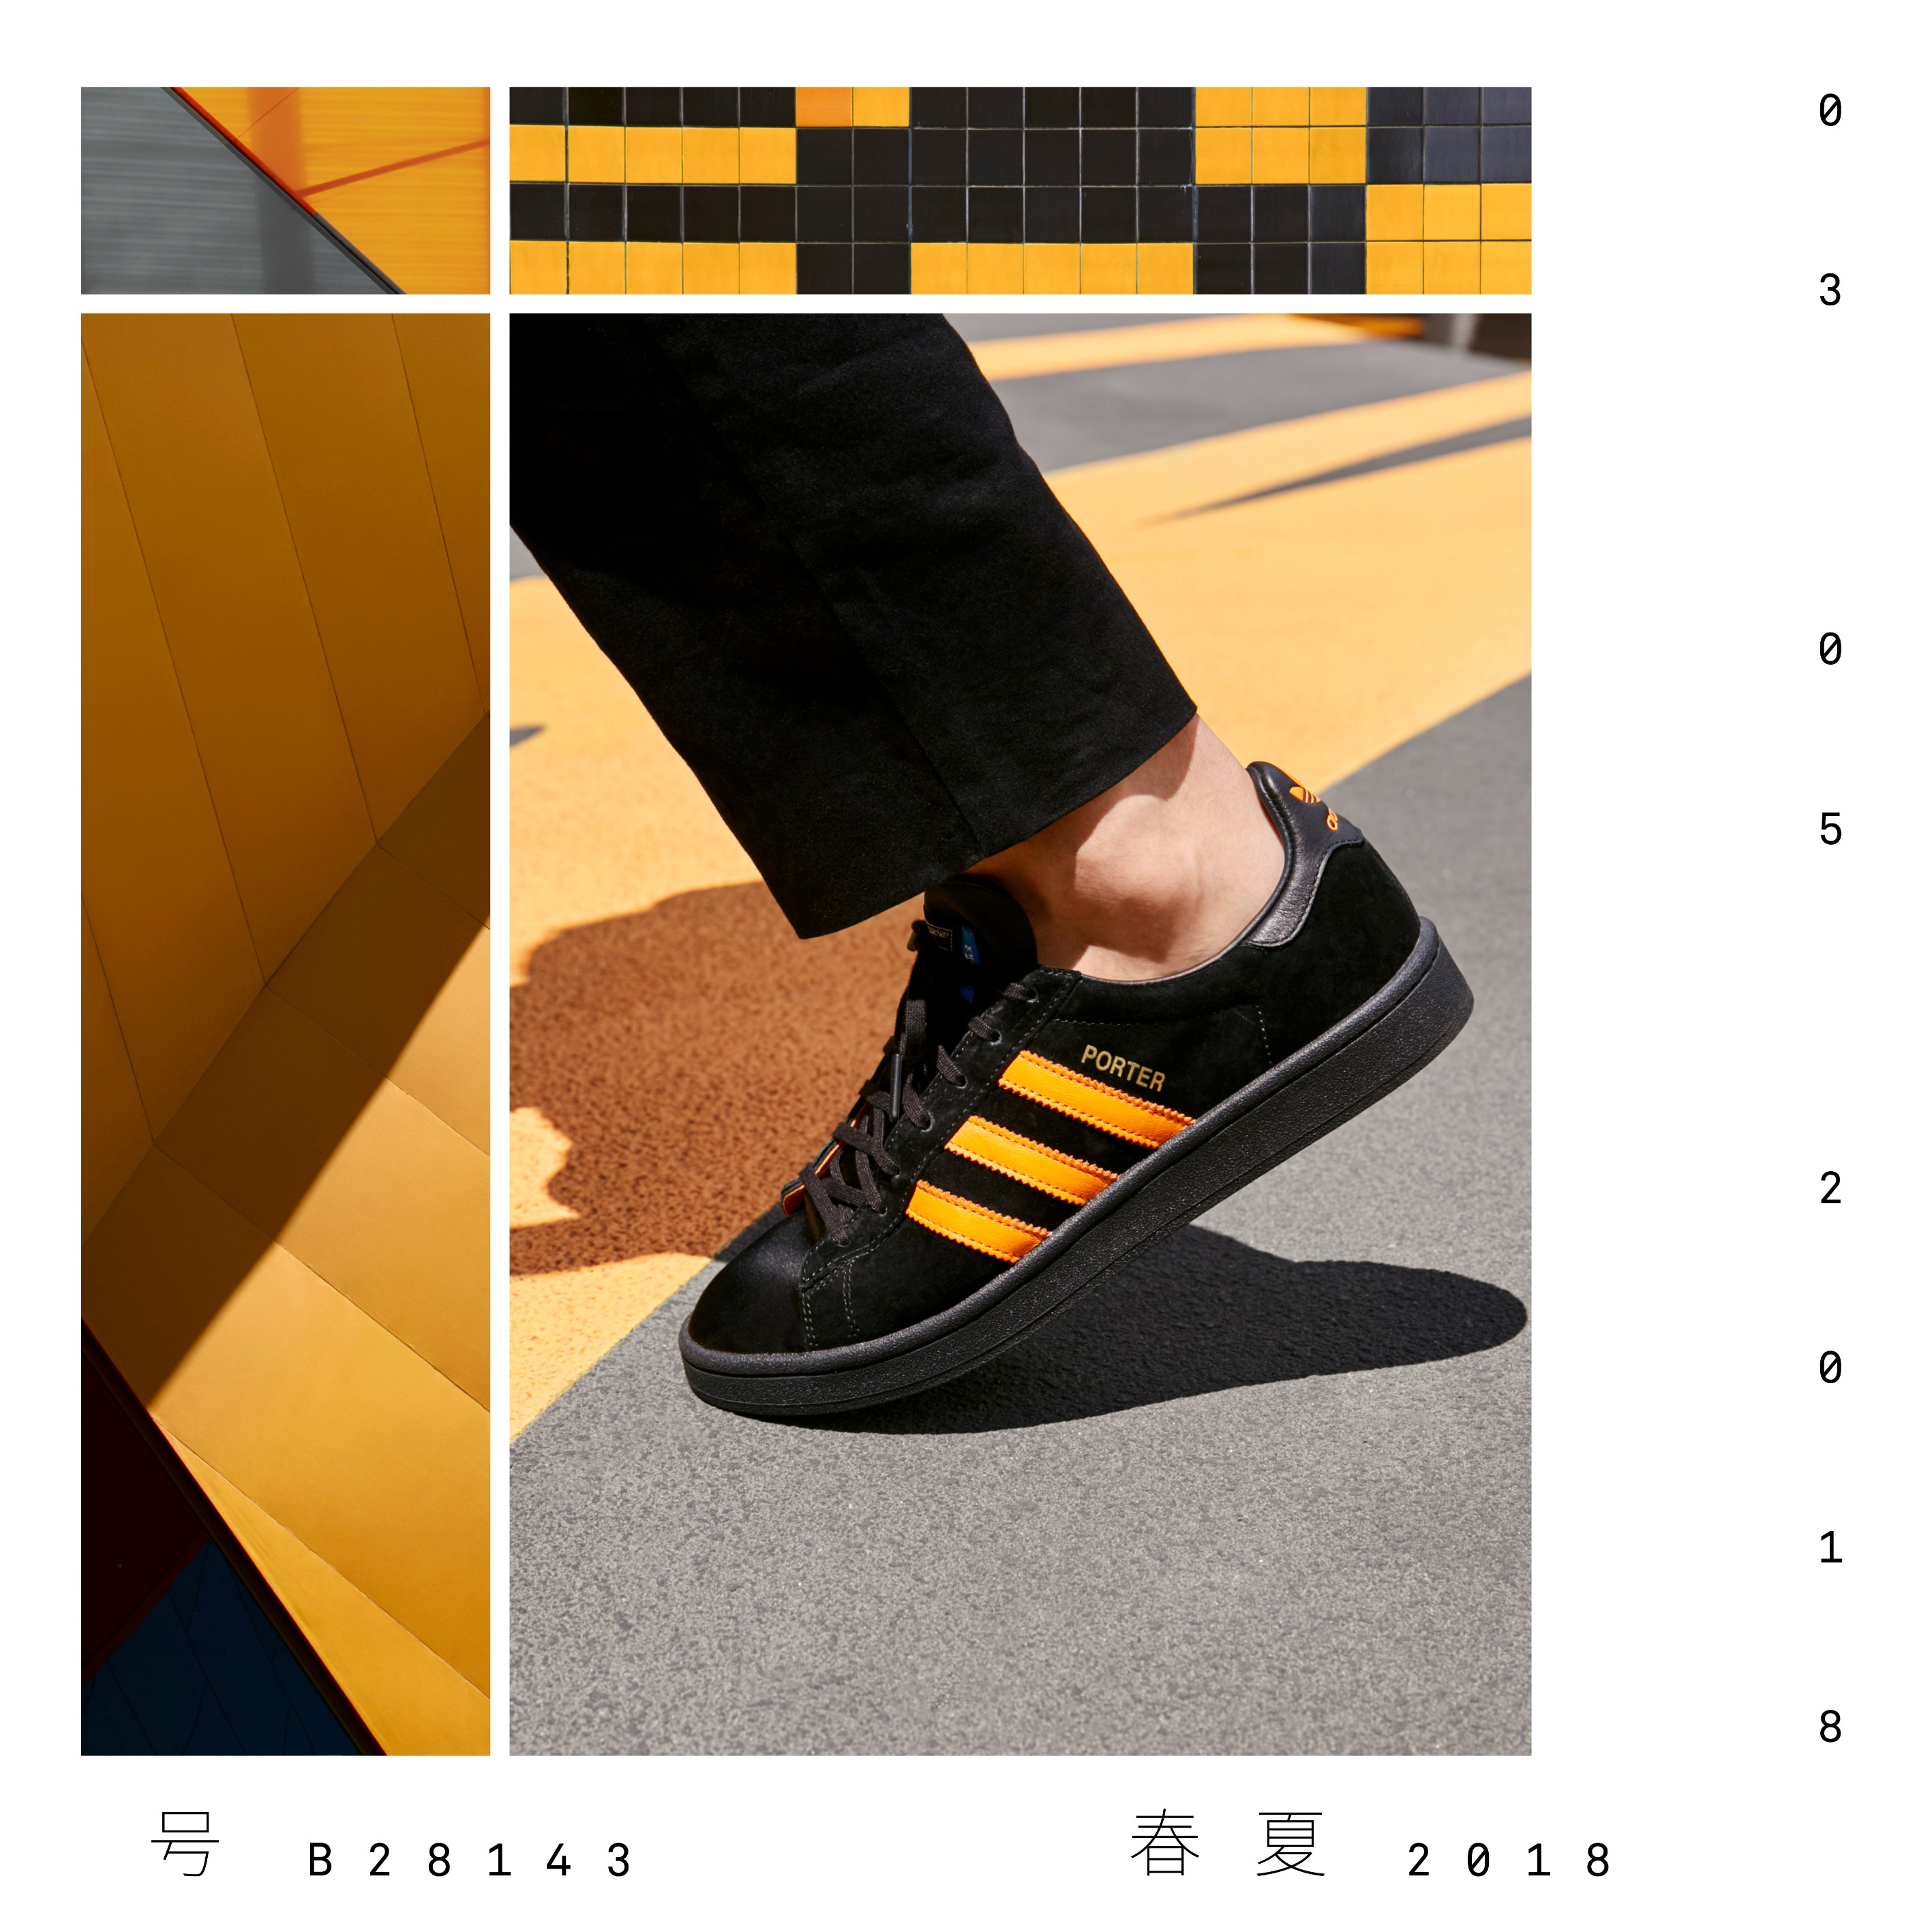 Adidas Originals Plus Porter Equals Goodness - MASSES f1a2a22abb5ce